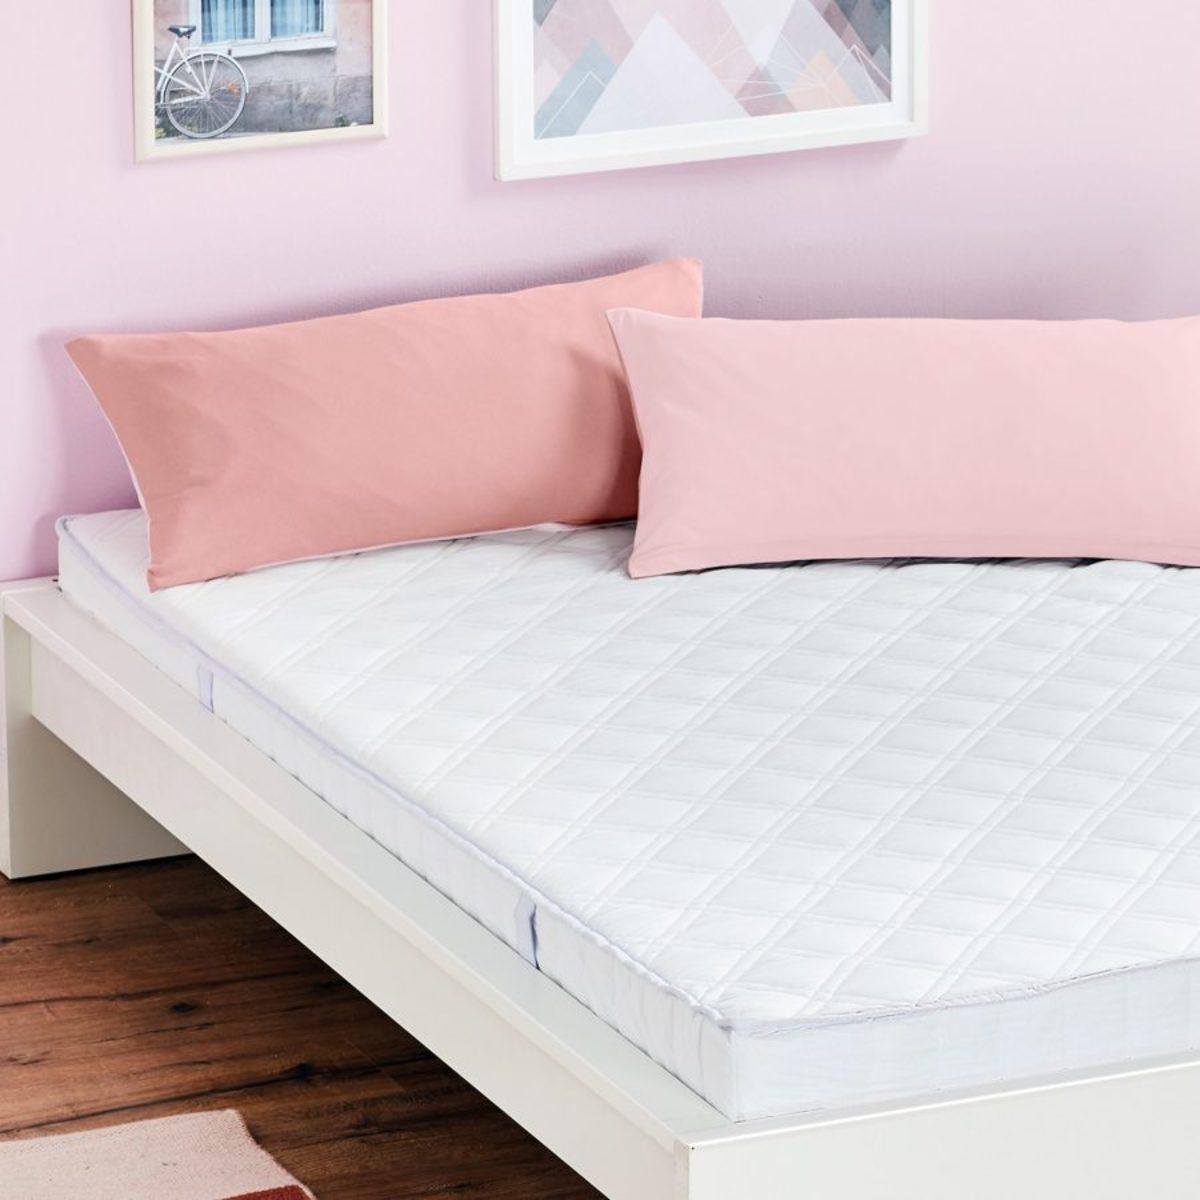 Bild 2 von NOVITESSE     Komfort Matratze